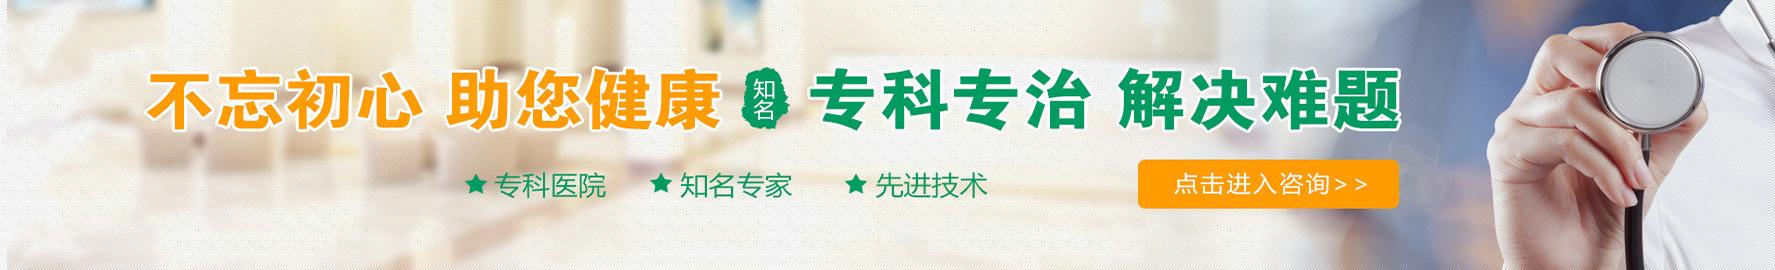 南京男科医院